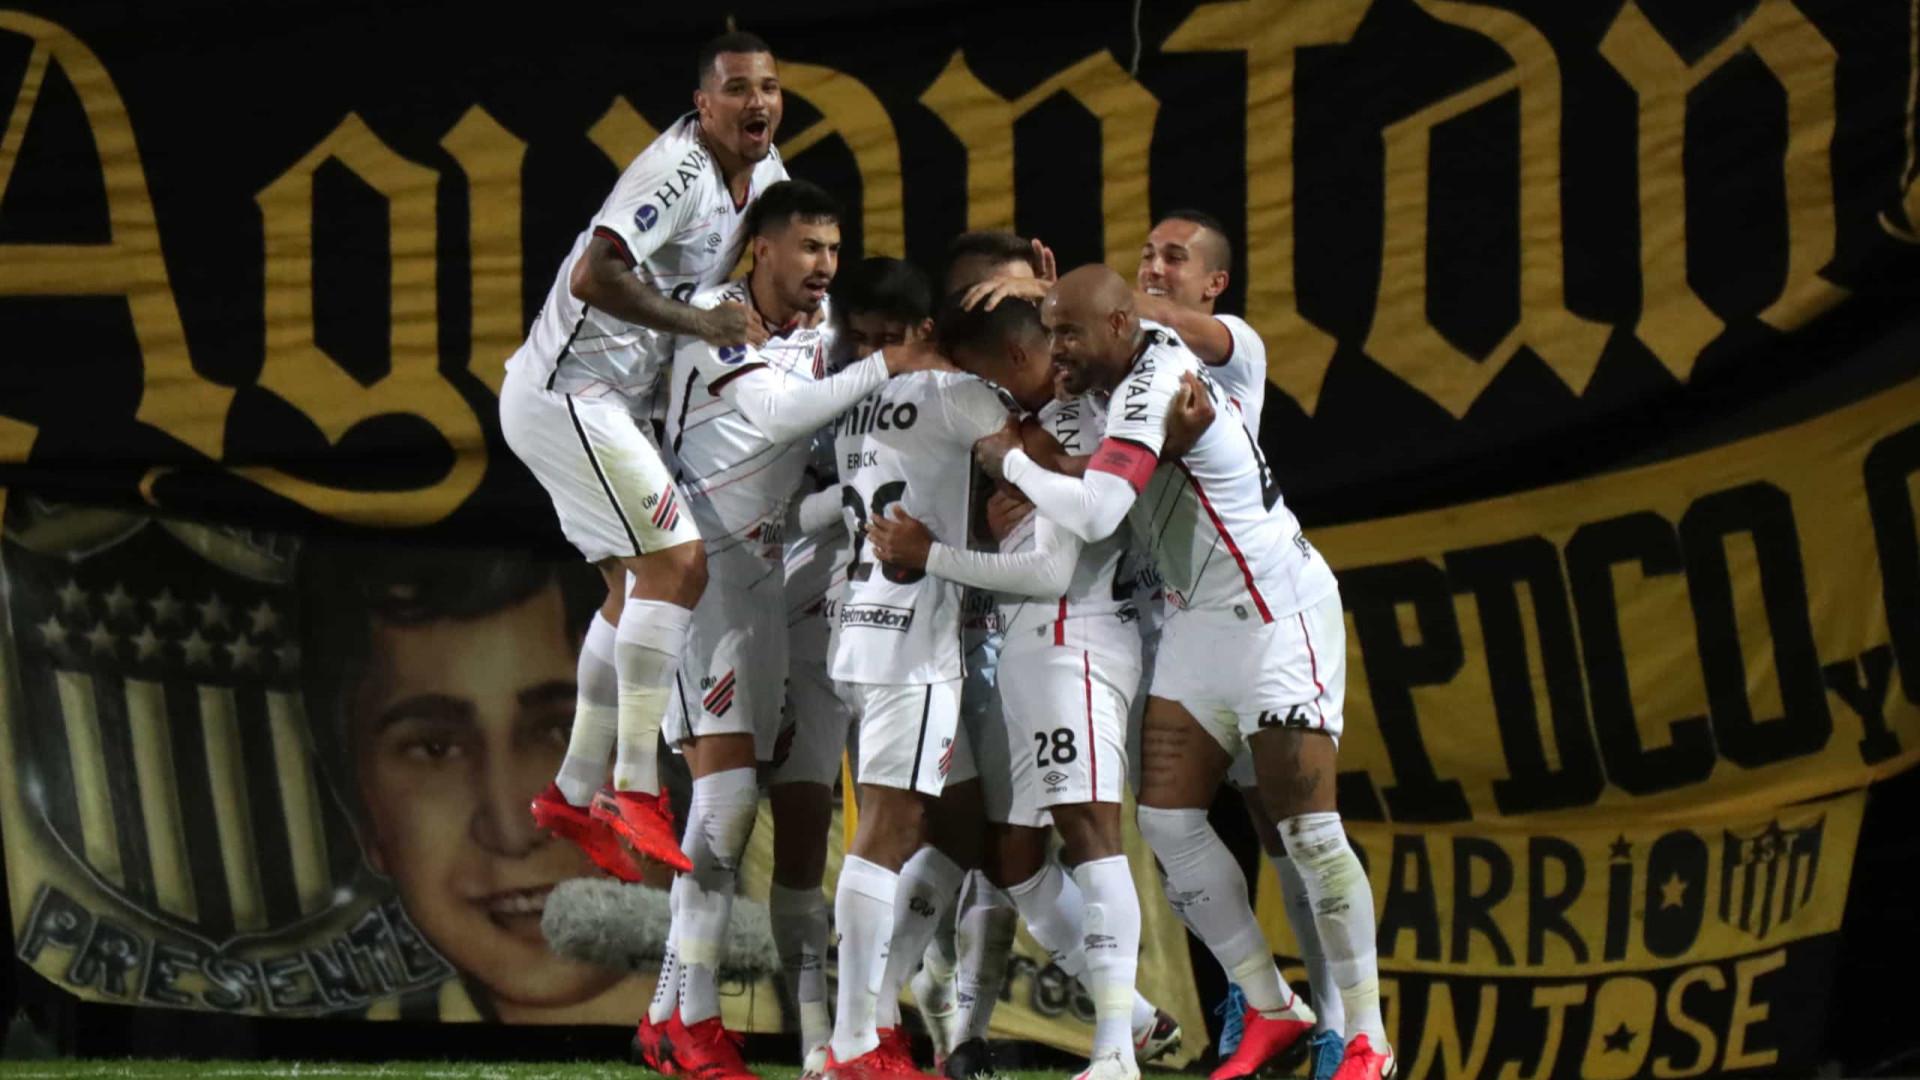 Em casa, Athletico-PR ganha do Grêmio por 4 a 2 e volta a embalar no Brasileirão